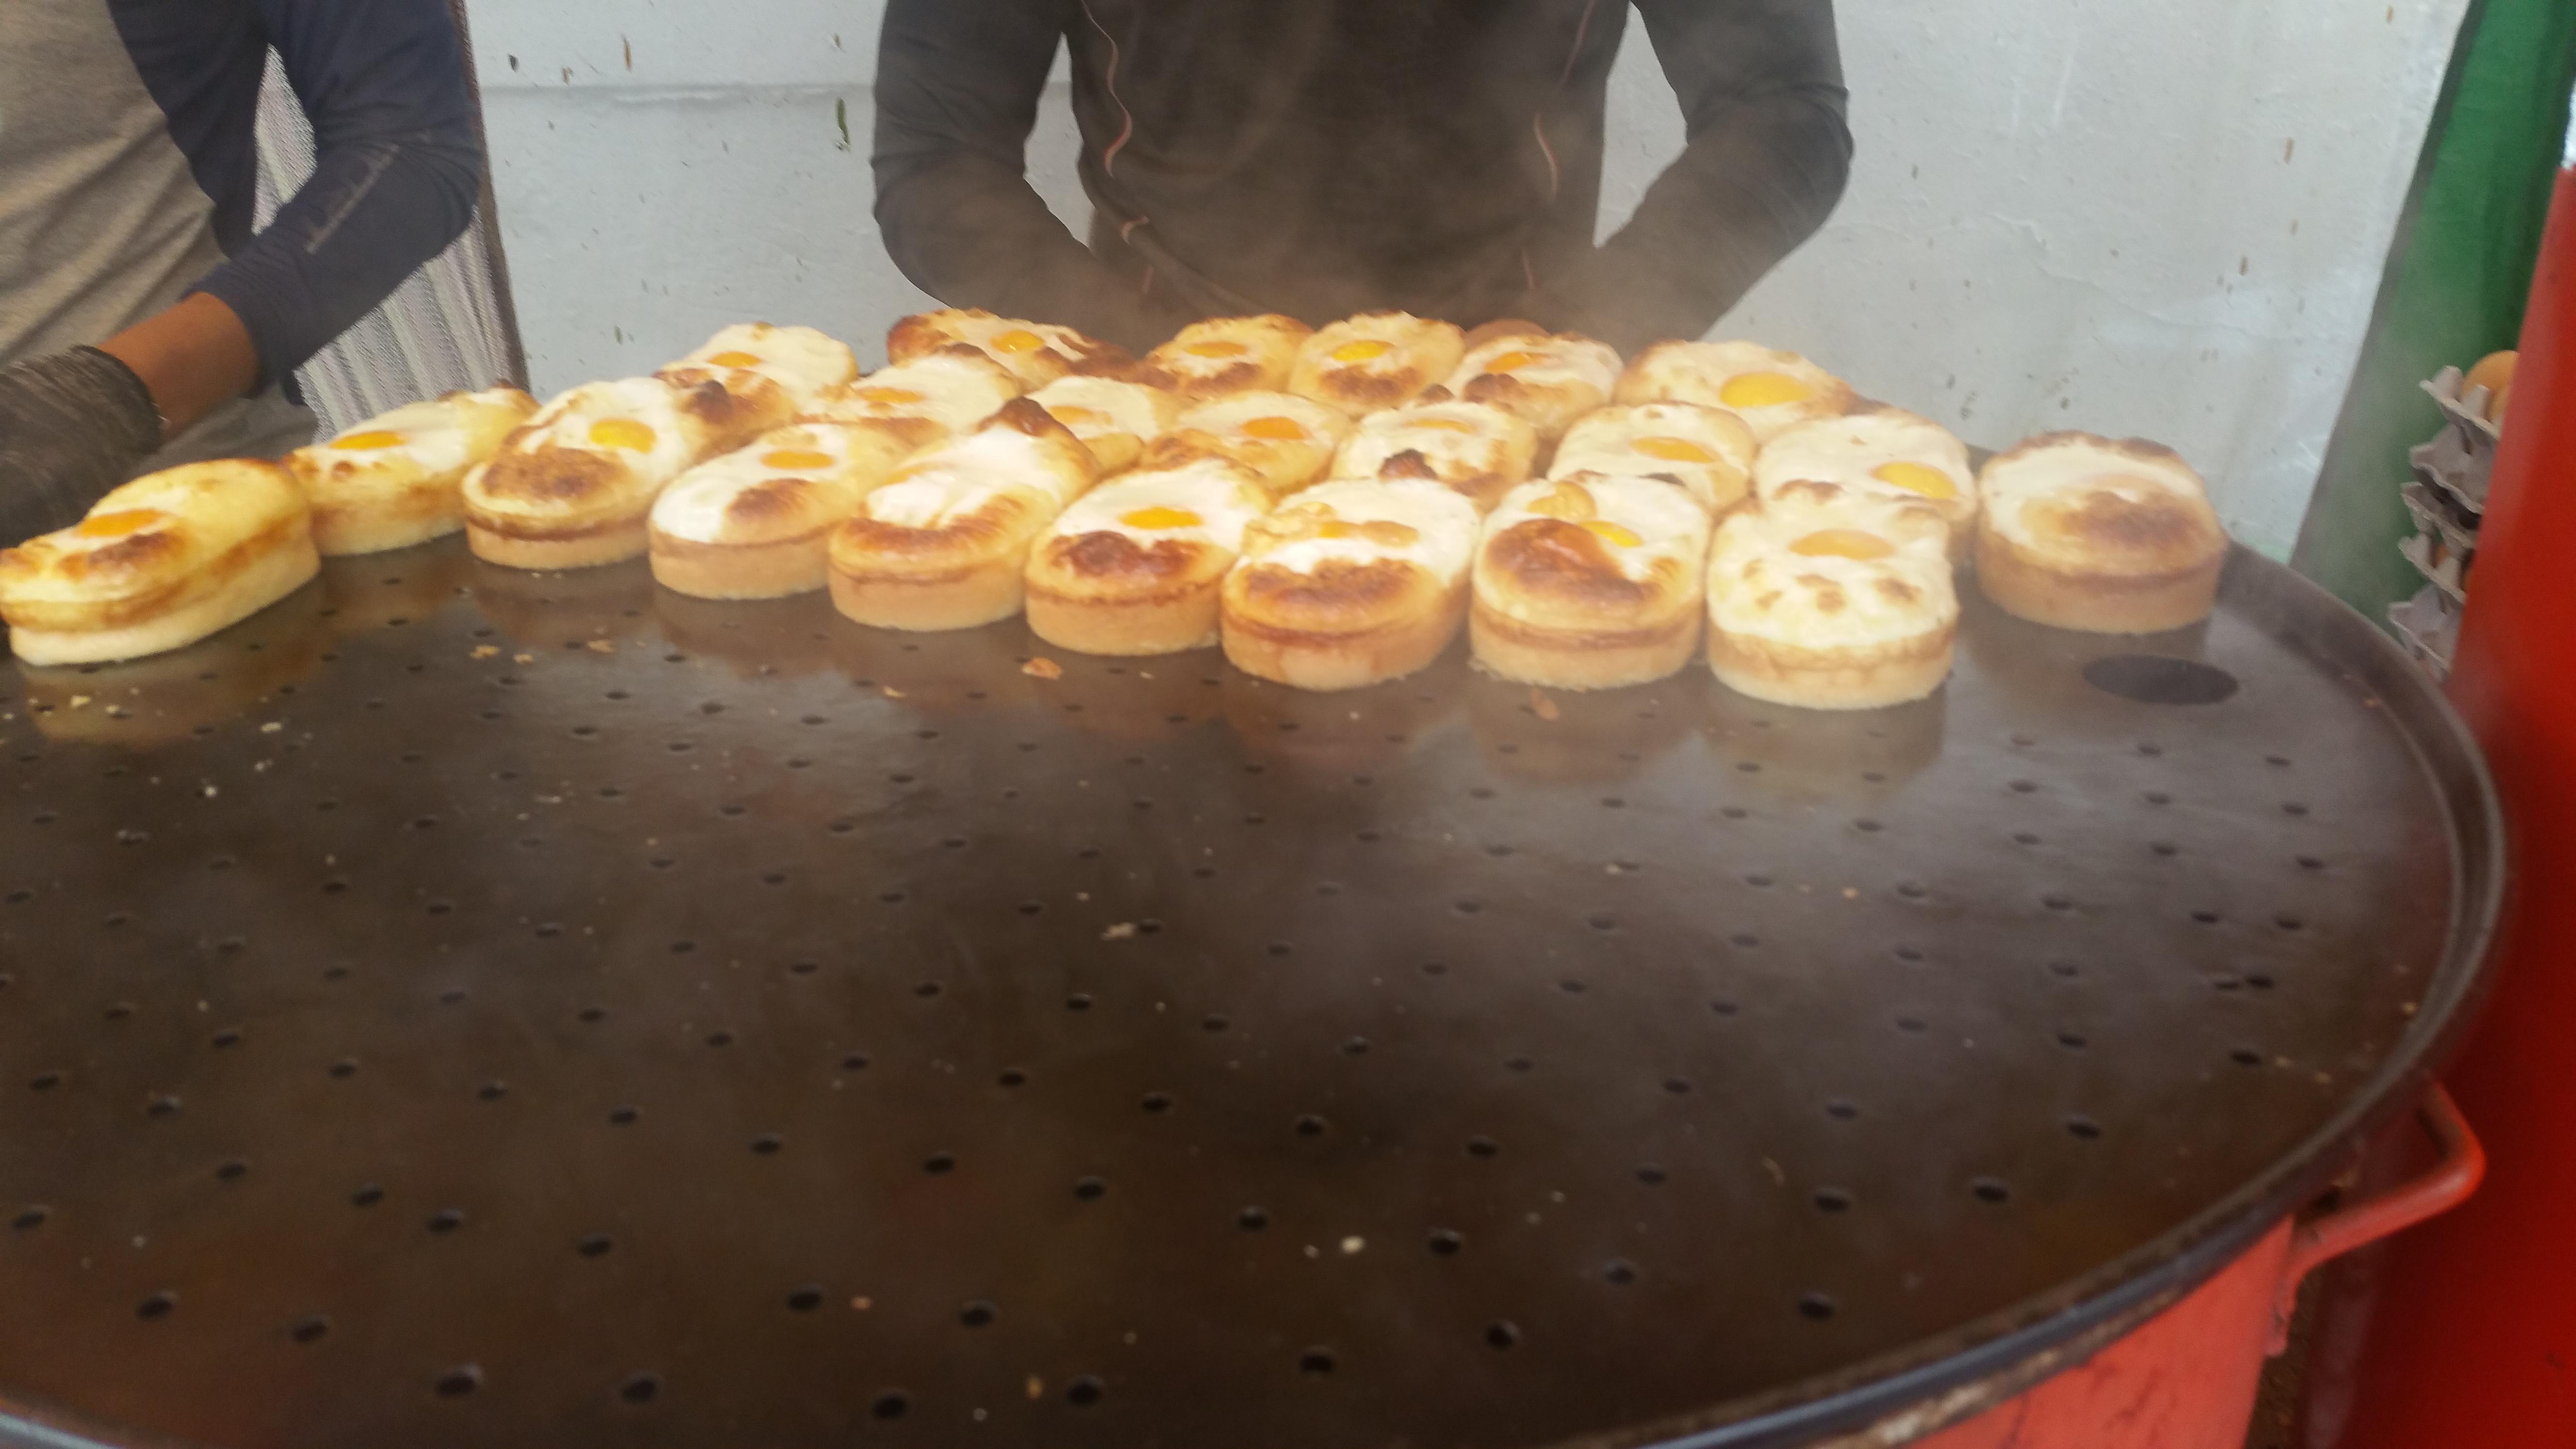 Gyeranppang (계란빵)[Edible]